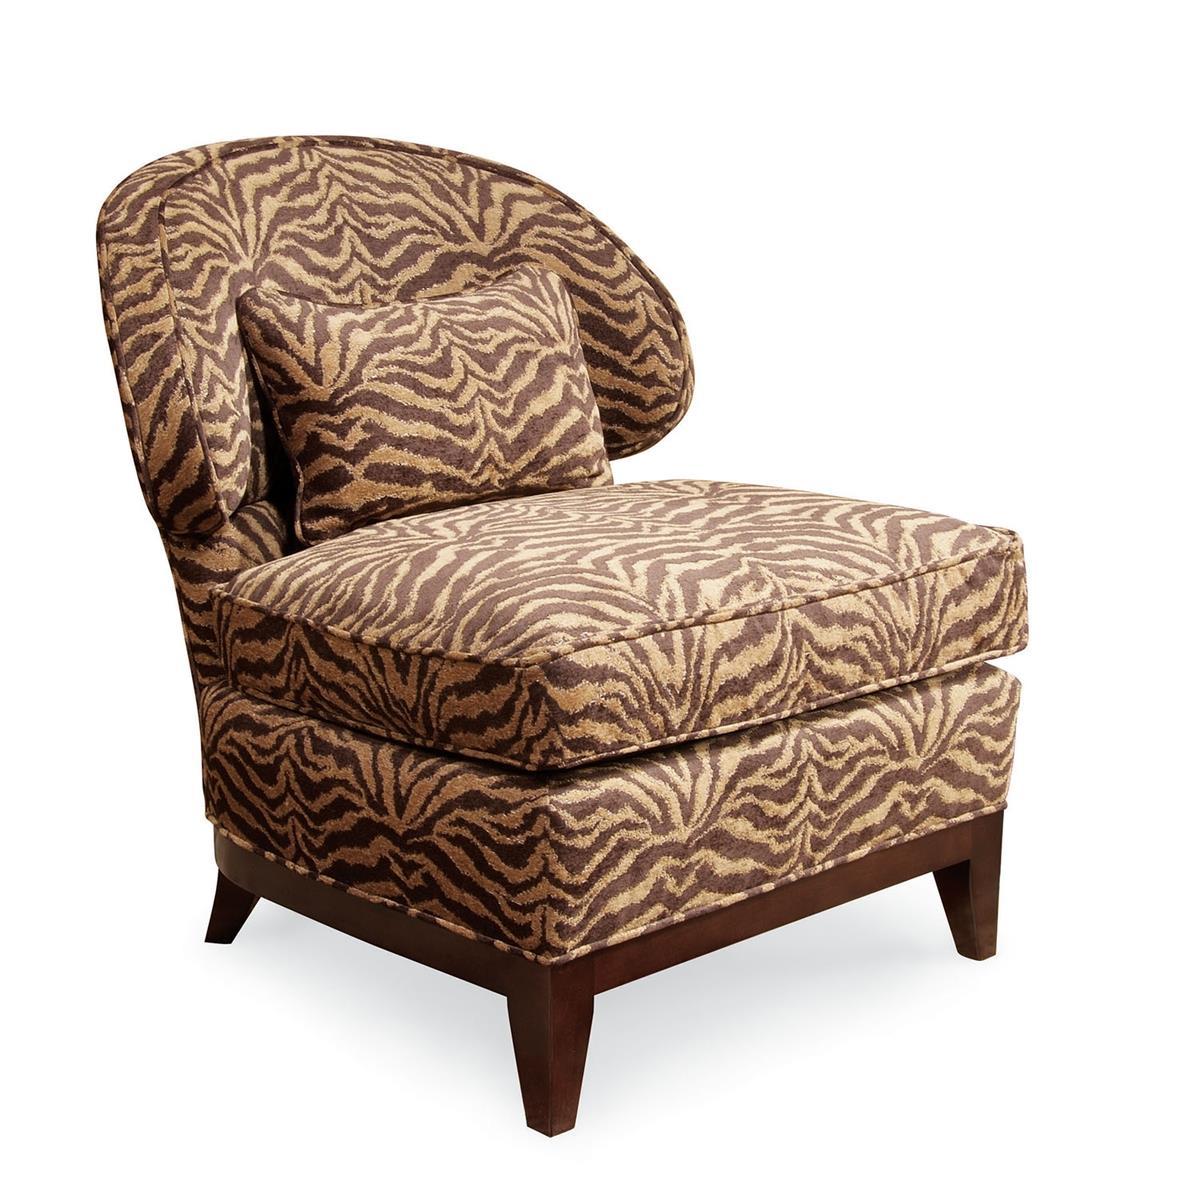 Bela Chair ESN203-6 - на 360.ru: цены, описание, характеристики, где купить в Москве.